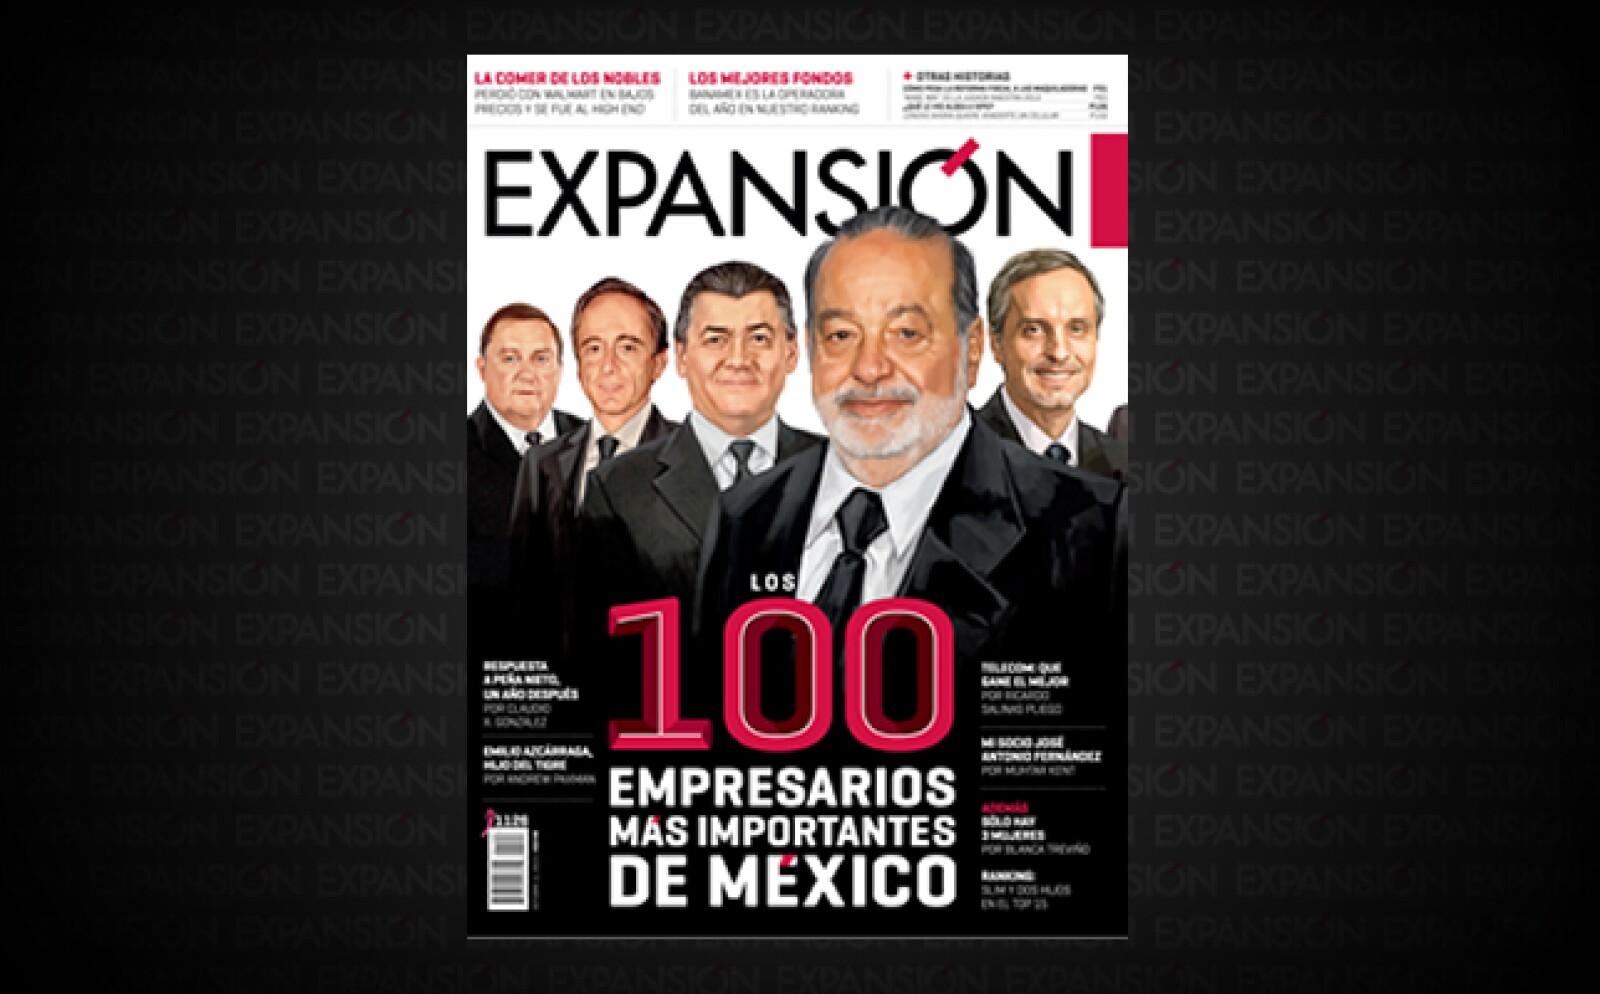 Tras la muerte de Roberto González, el mando de Gruma es asumido por Juan A. González, quien se integra al listado, al igual que Pablo Azcárraga Andrade, de Grupo Posadas, y Jorge Nacer Gobera, de Nacer Gober, Universidad ICEL y El Economista.